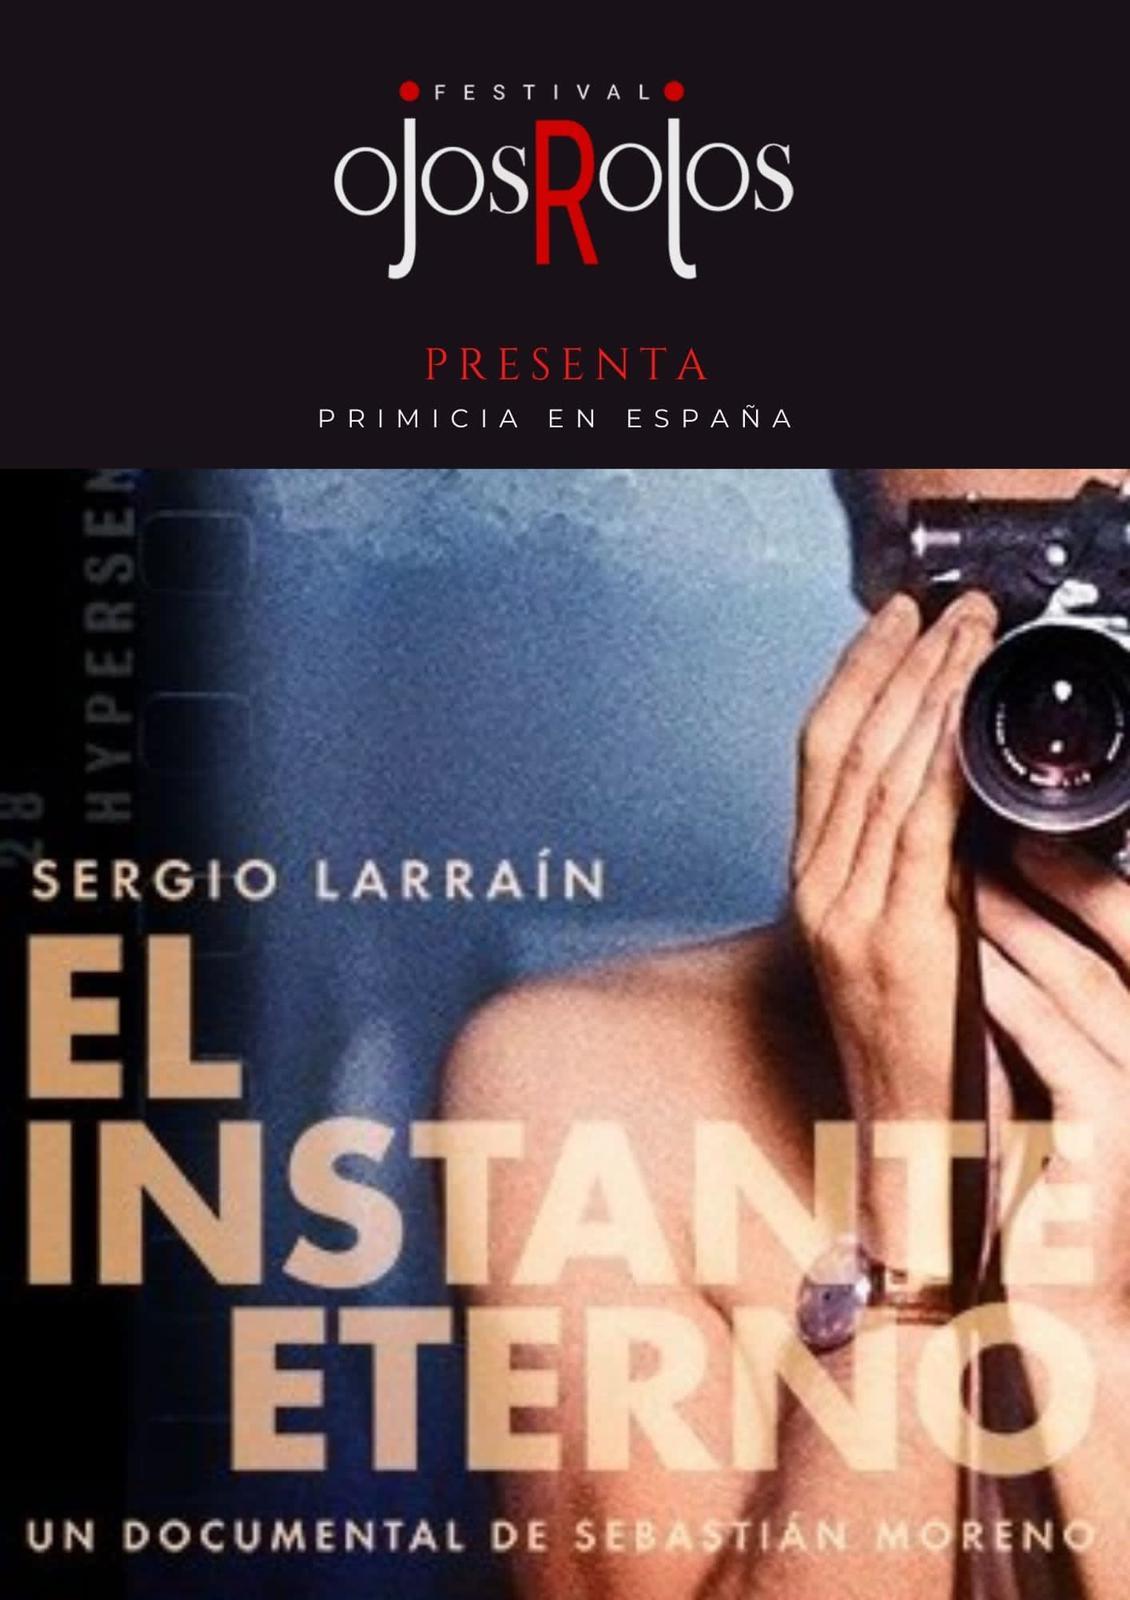 Documental de Sergio Larraín